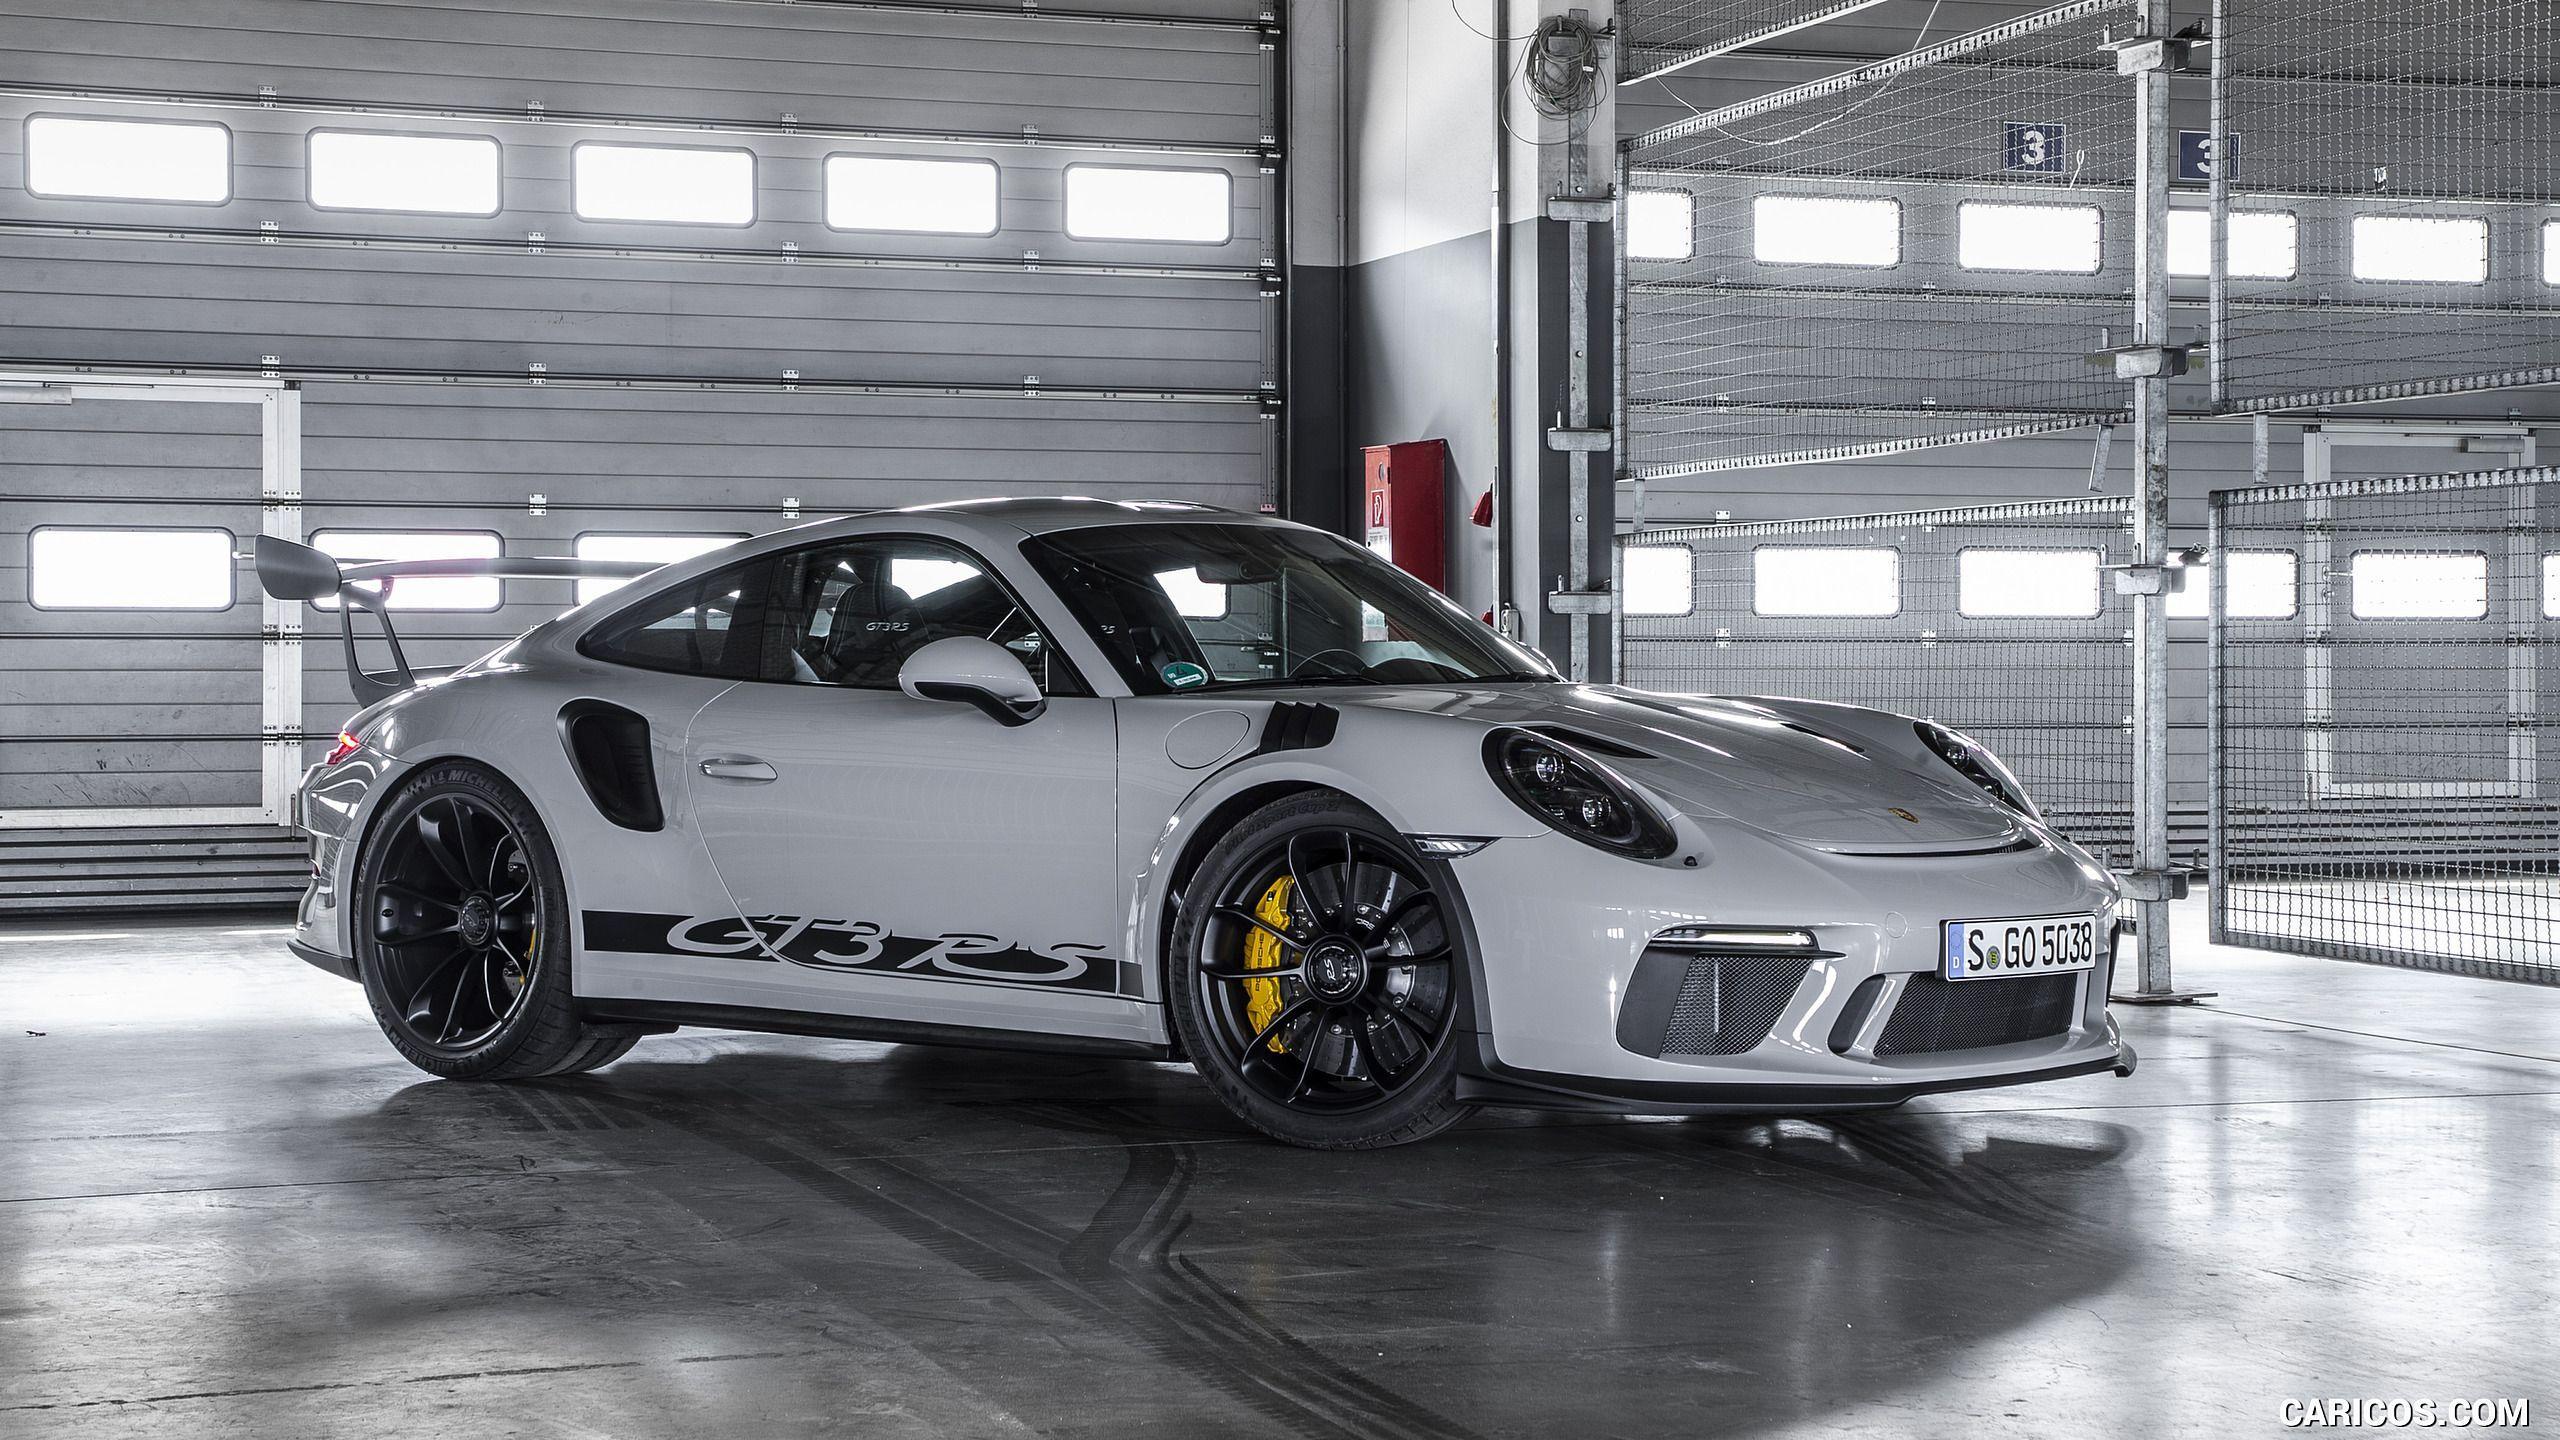 2019 Porsche 911 Gt3 Rs Wallpapers Wallpaper Cave